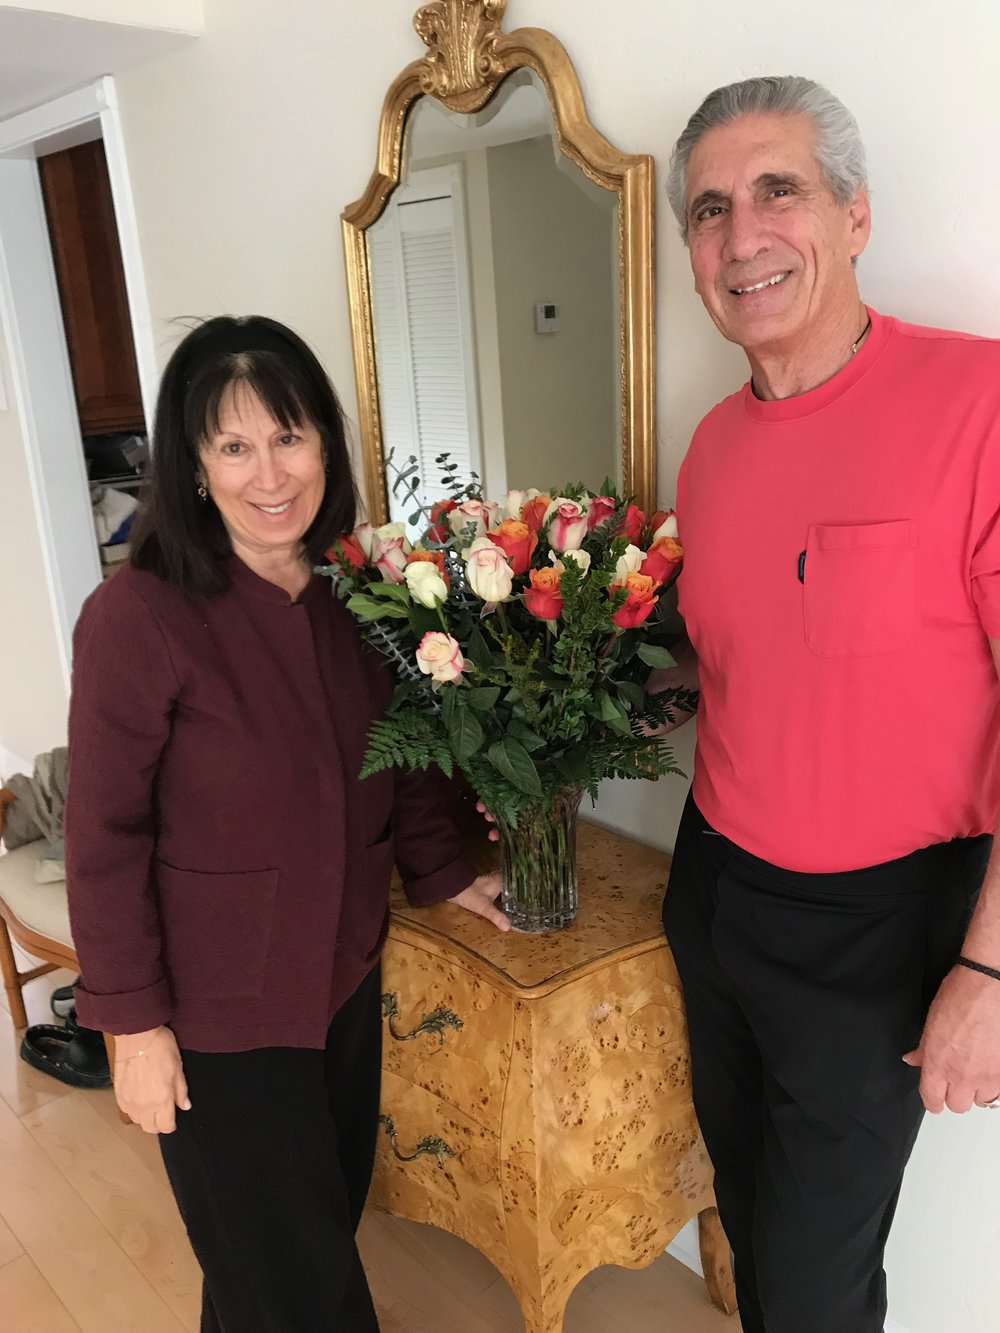 Ceil & me w 3 dozen roses.jpg*.jpg